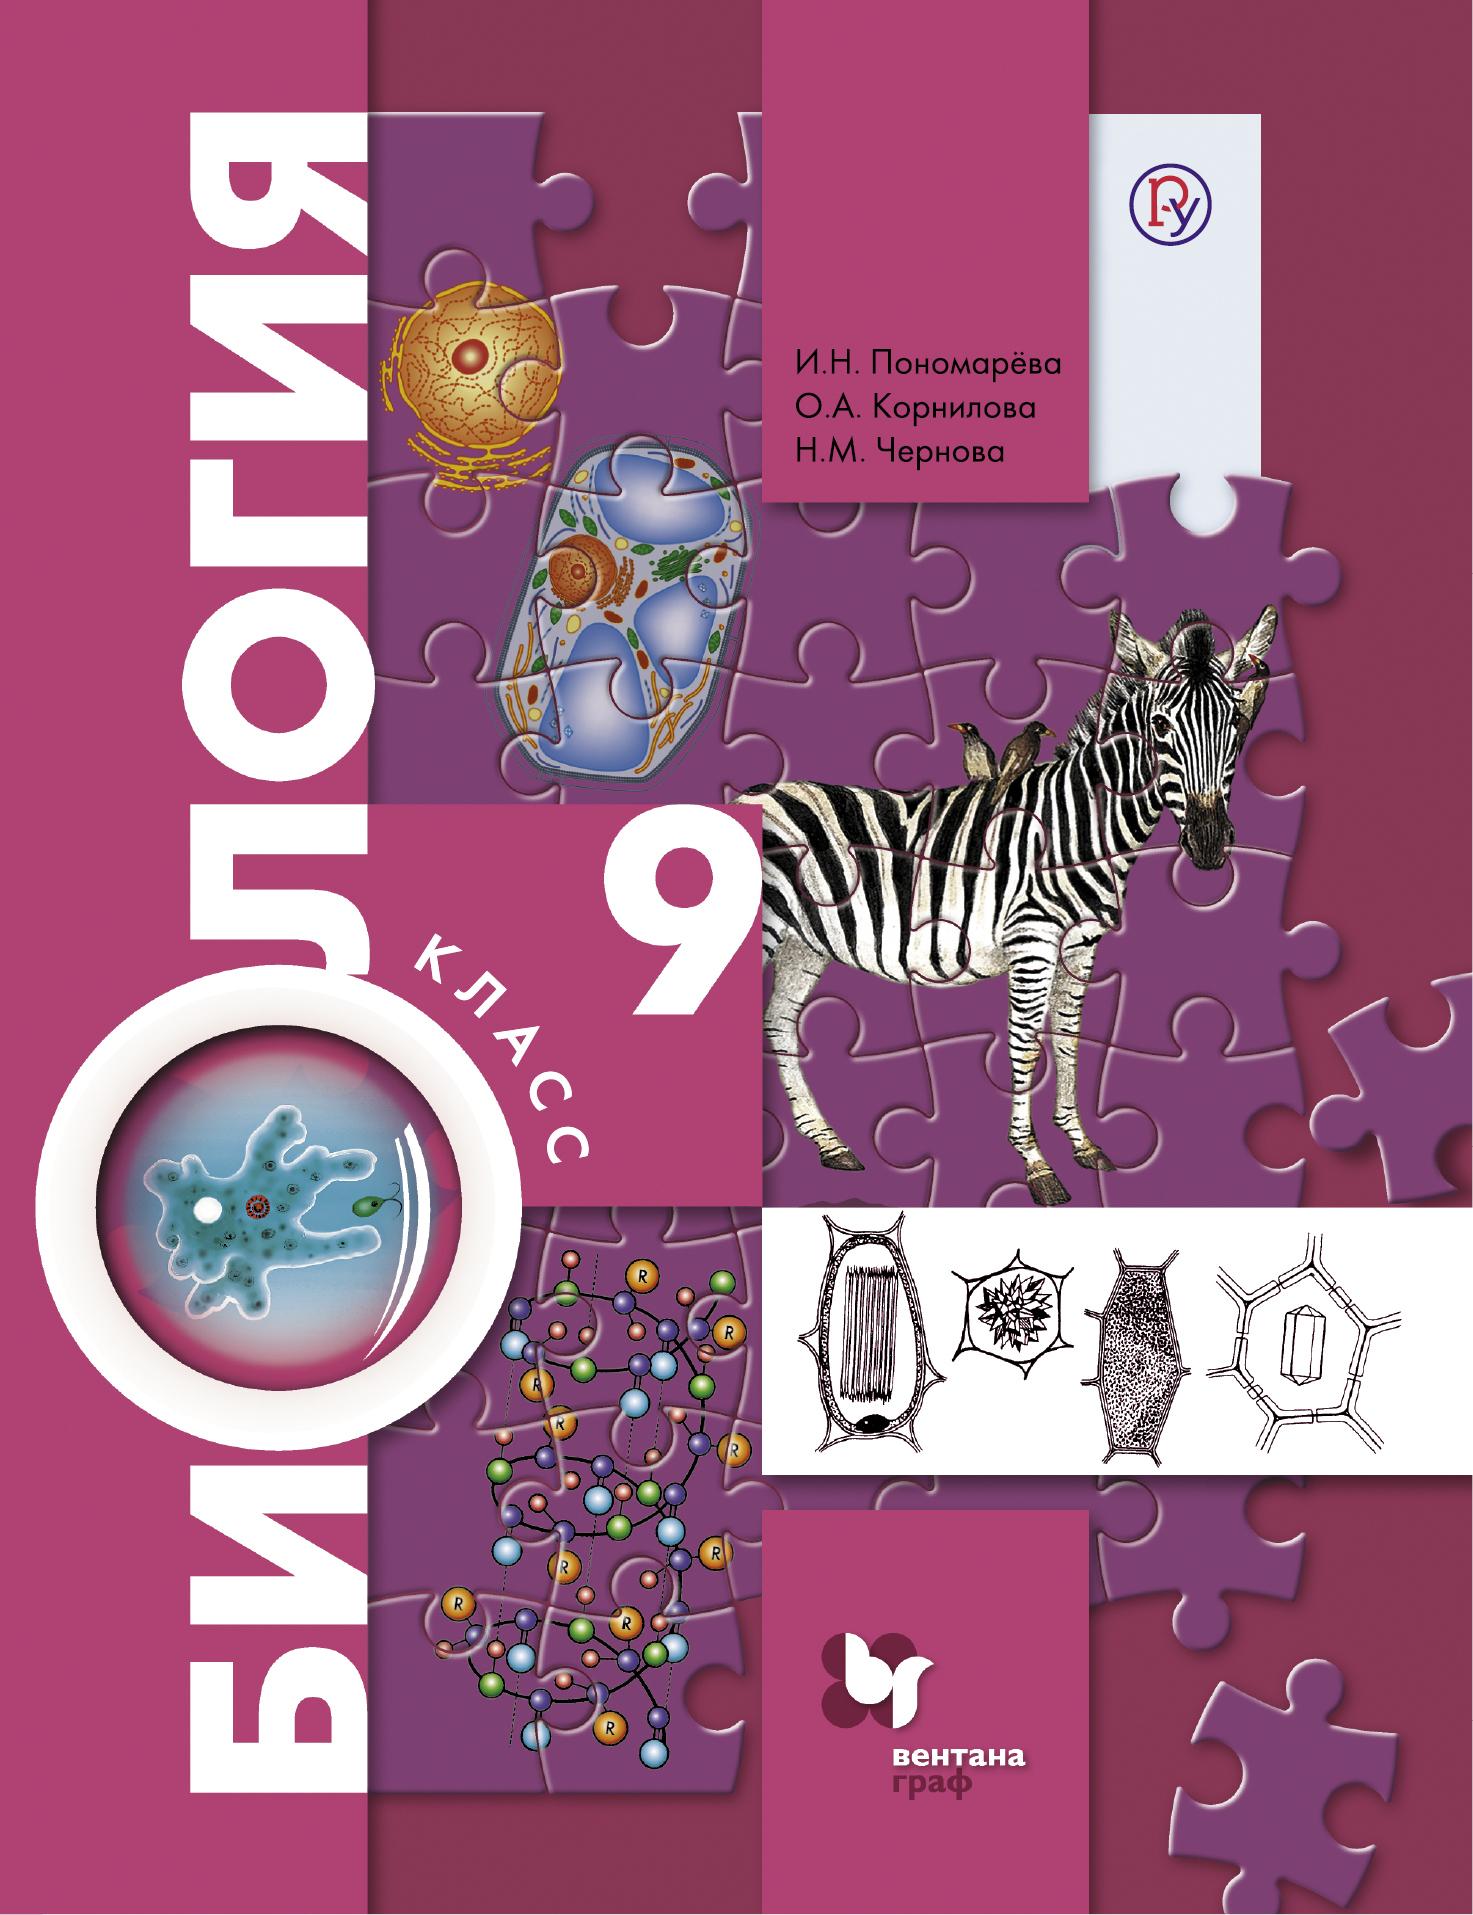 Учебник по биологии пономарева 5 класс скачать.